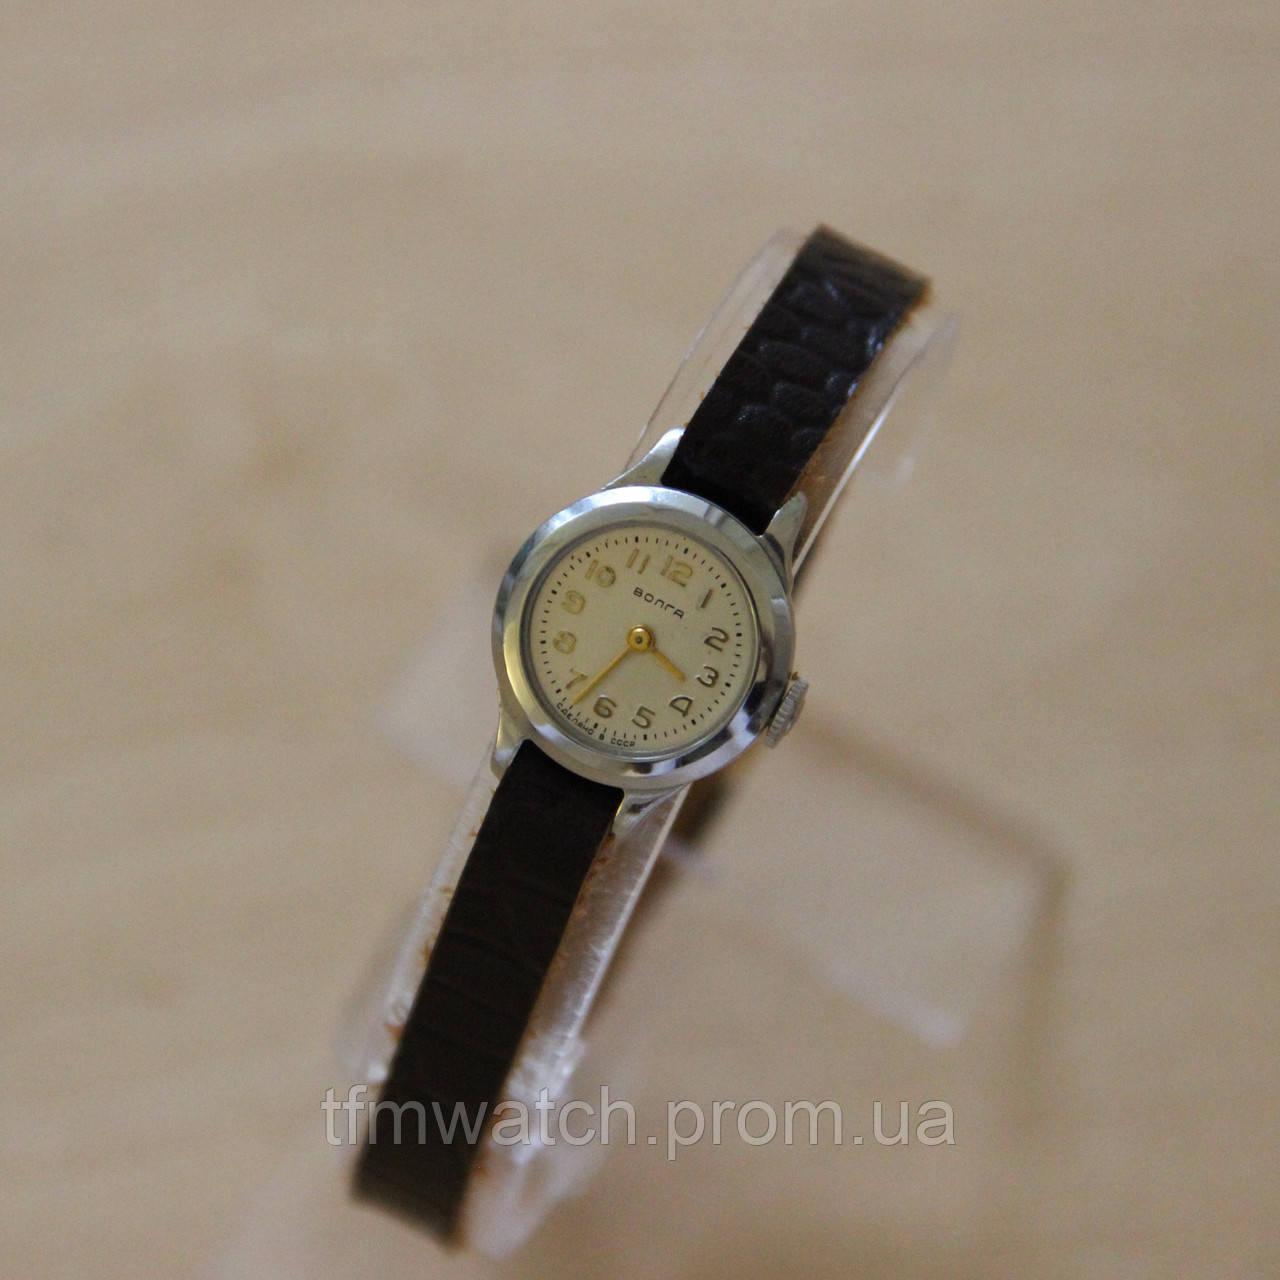 Где купить женские наручные механические часы часы сейко винтаж купить